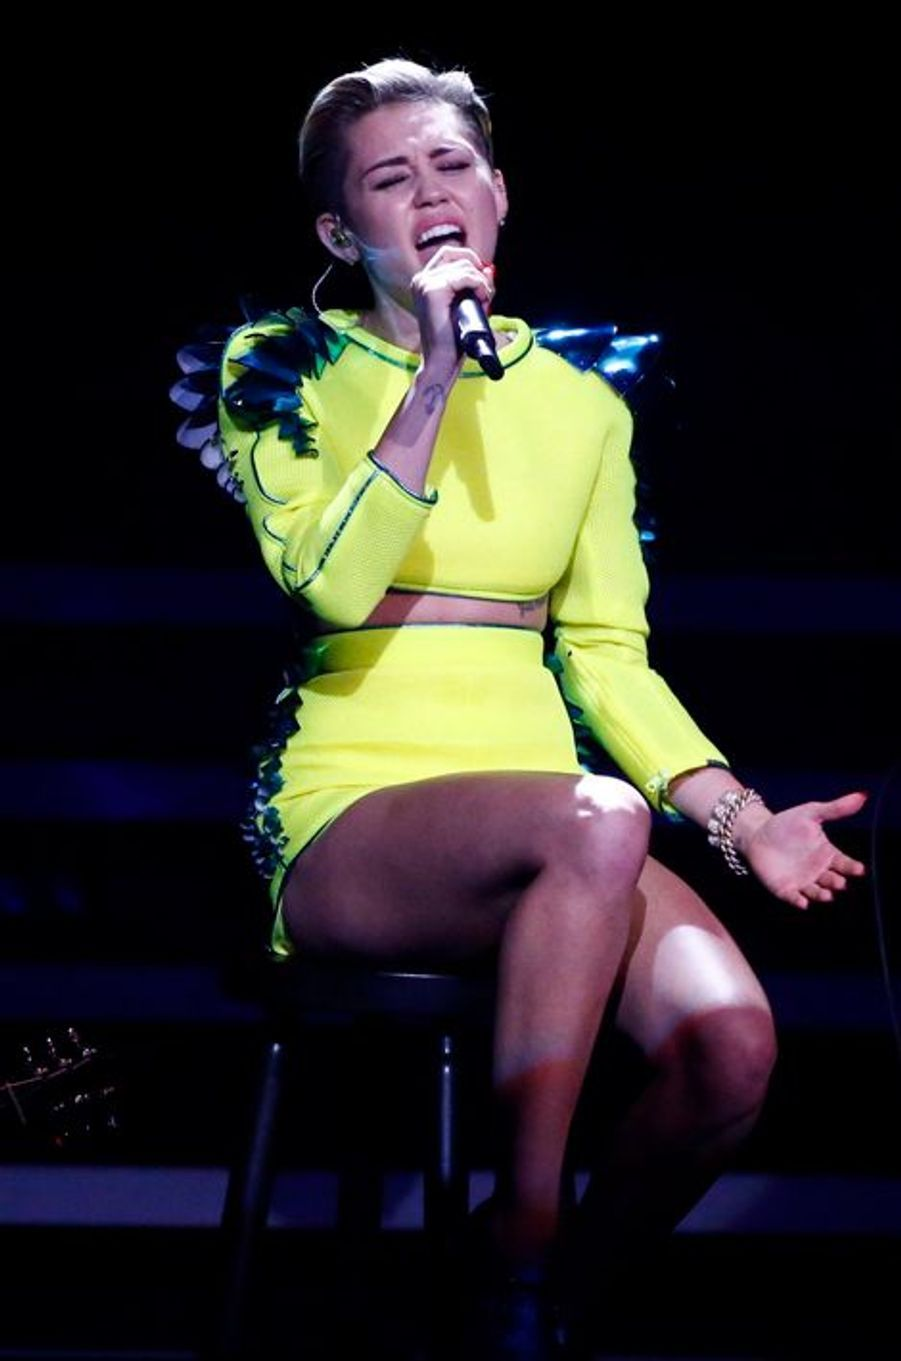 Pas de provocation cette fois-ci, Miley Cyrus est restée sage à Berlin.